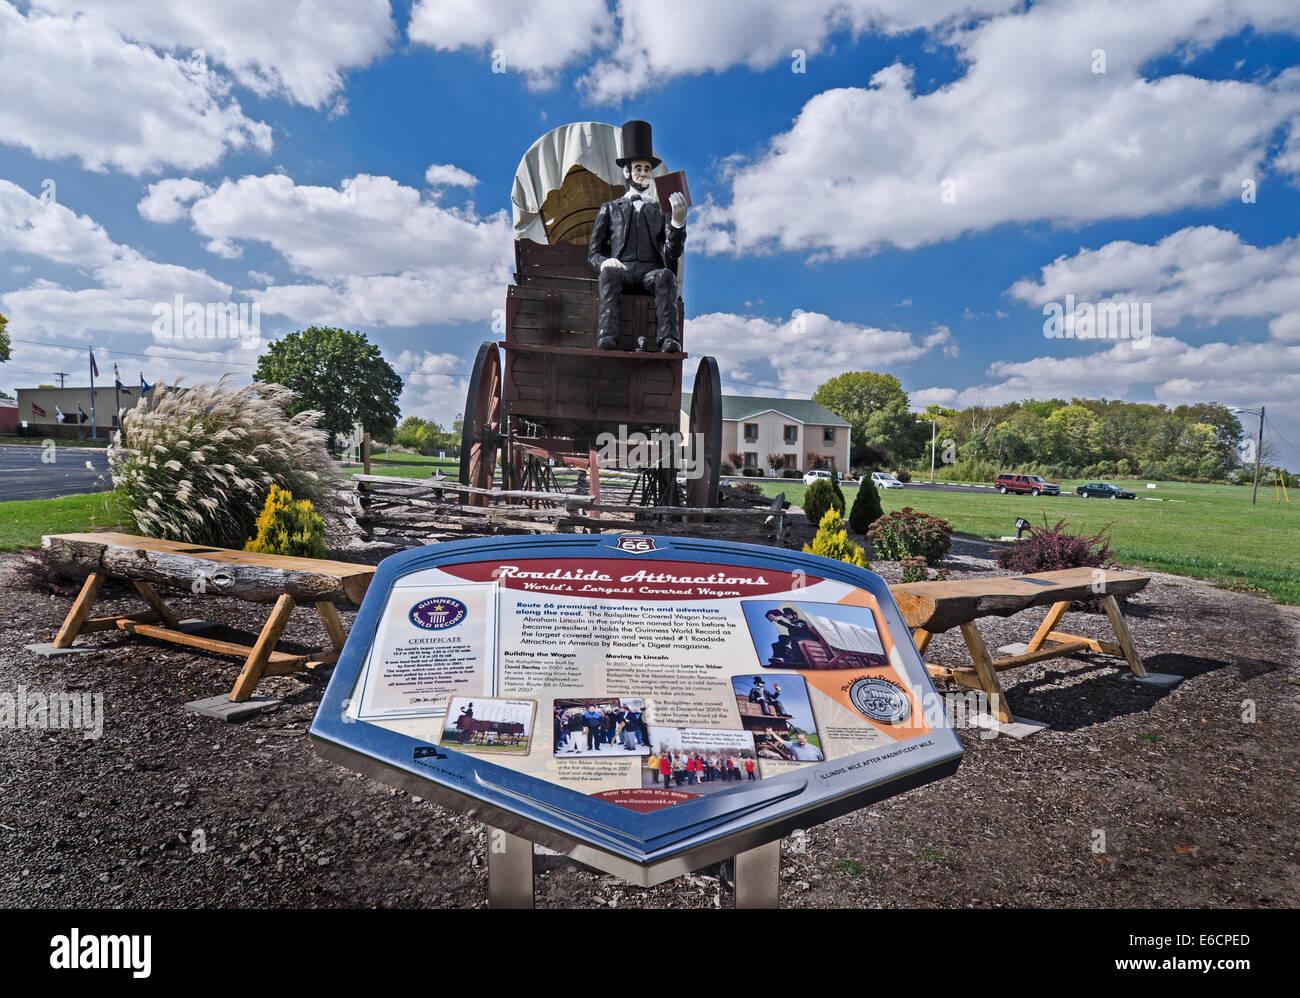 Le Railsplitter chariot couvert dispose d'Abraham Lincoln assis sur un chariot couvert la lecture d'un livre Banque D'Images